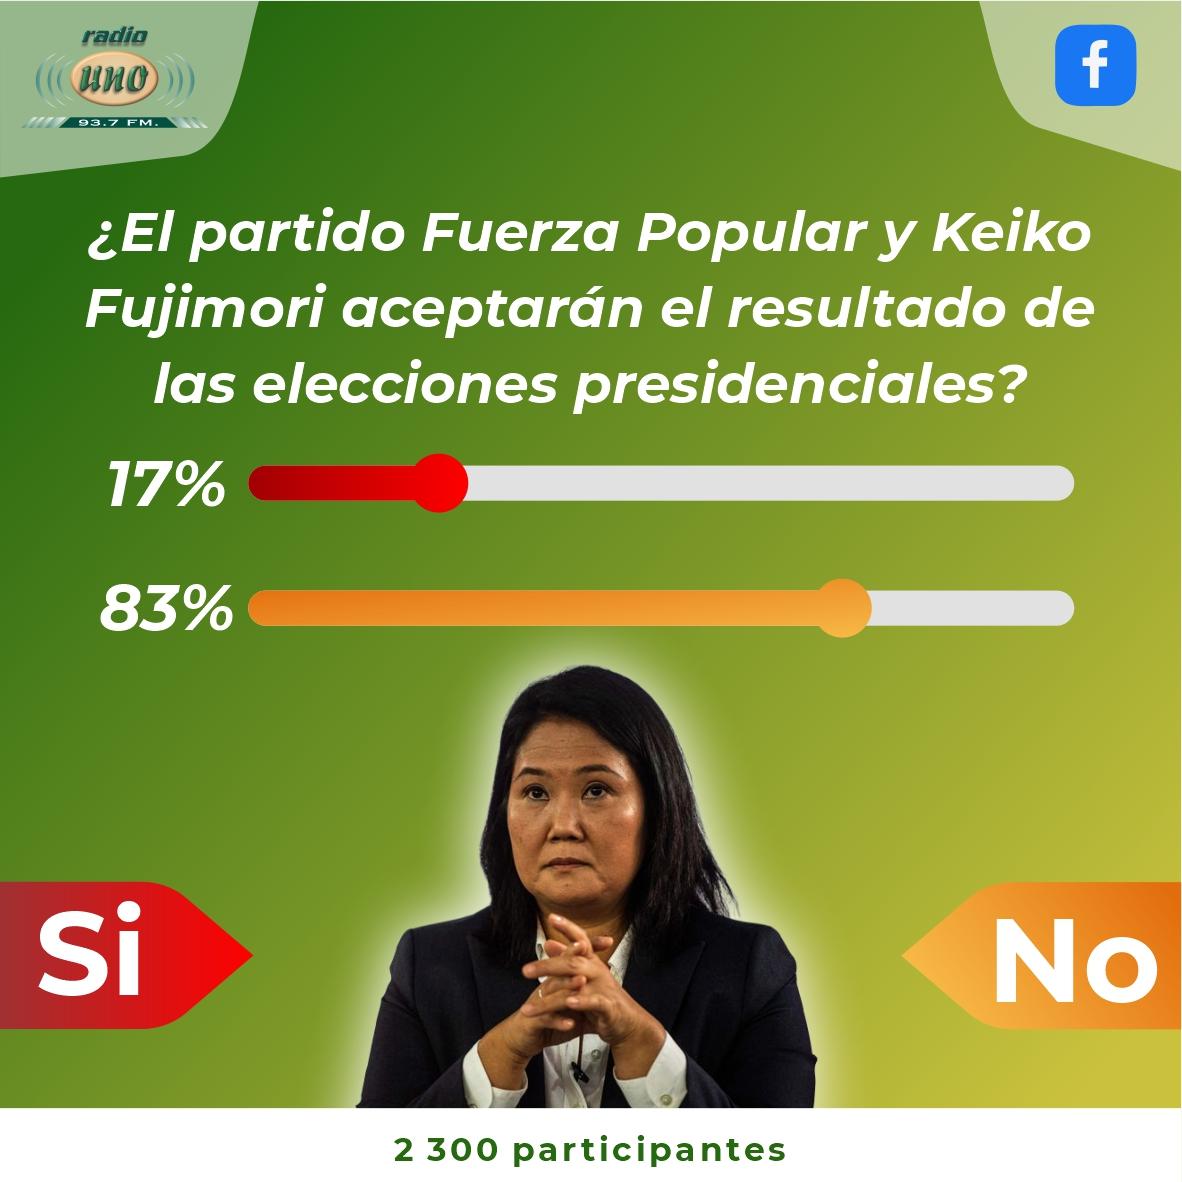 ¿El partido Fuerza Popular y Keiko Fujimori aceptarán el resultado de las elecciones presidenciales?.